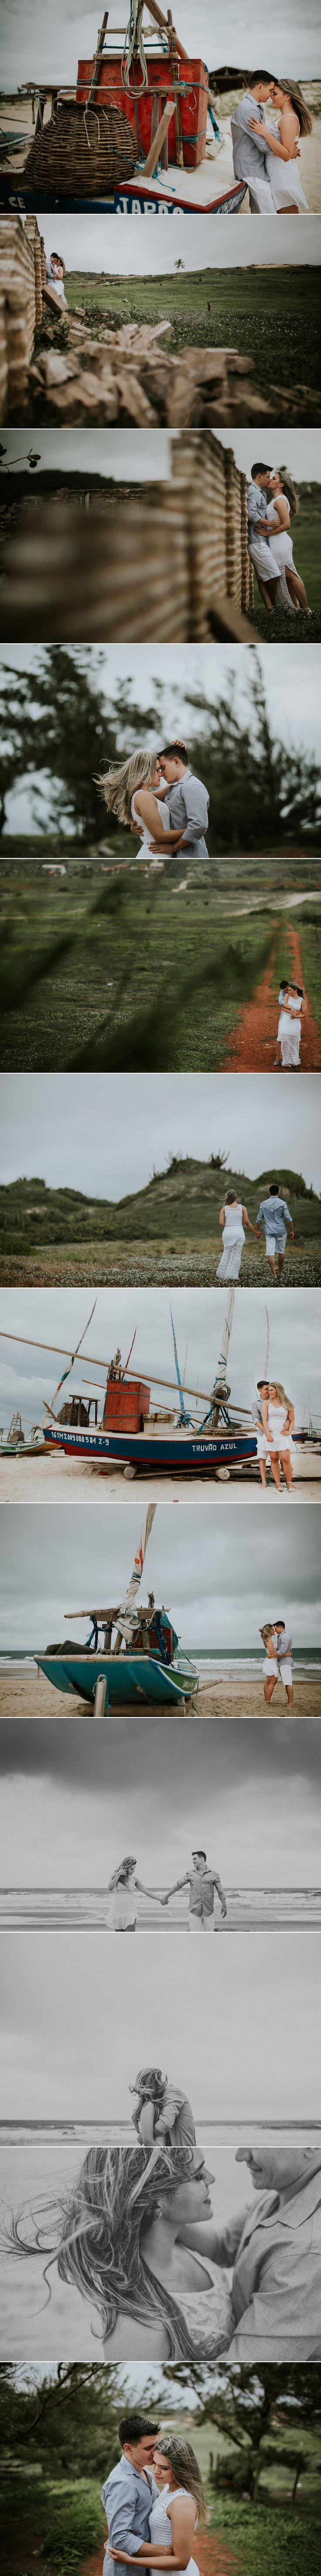 engagement session ideias, ideias de sessão de casal. fotos de casal pré-casamento. Arthur Rosa, fotógrafo de casamento em Fortaleza